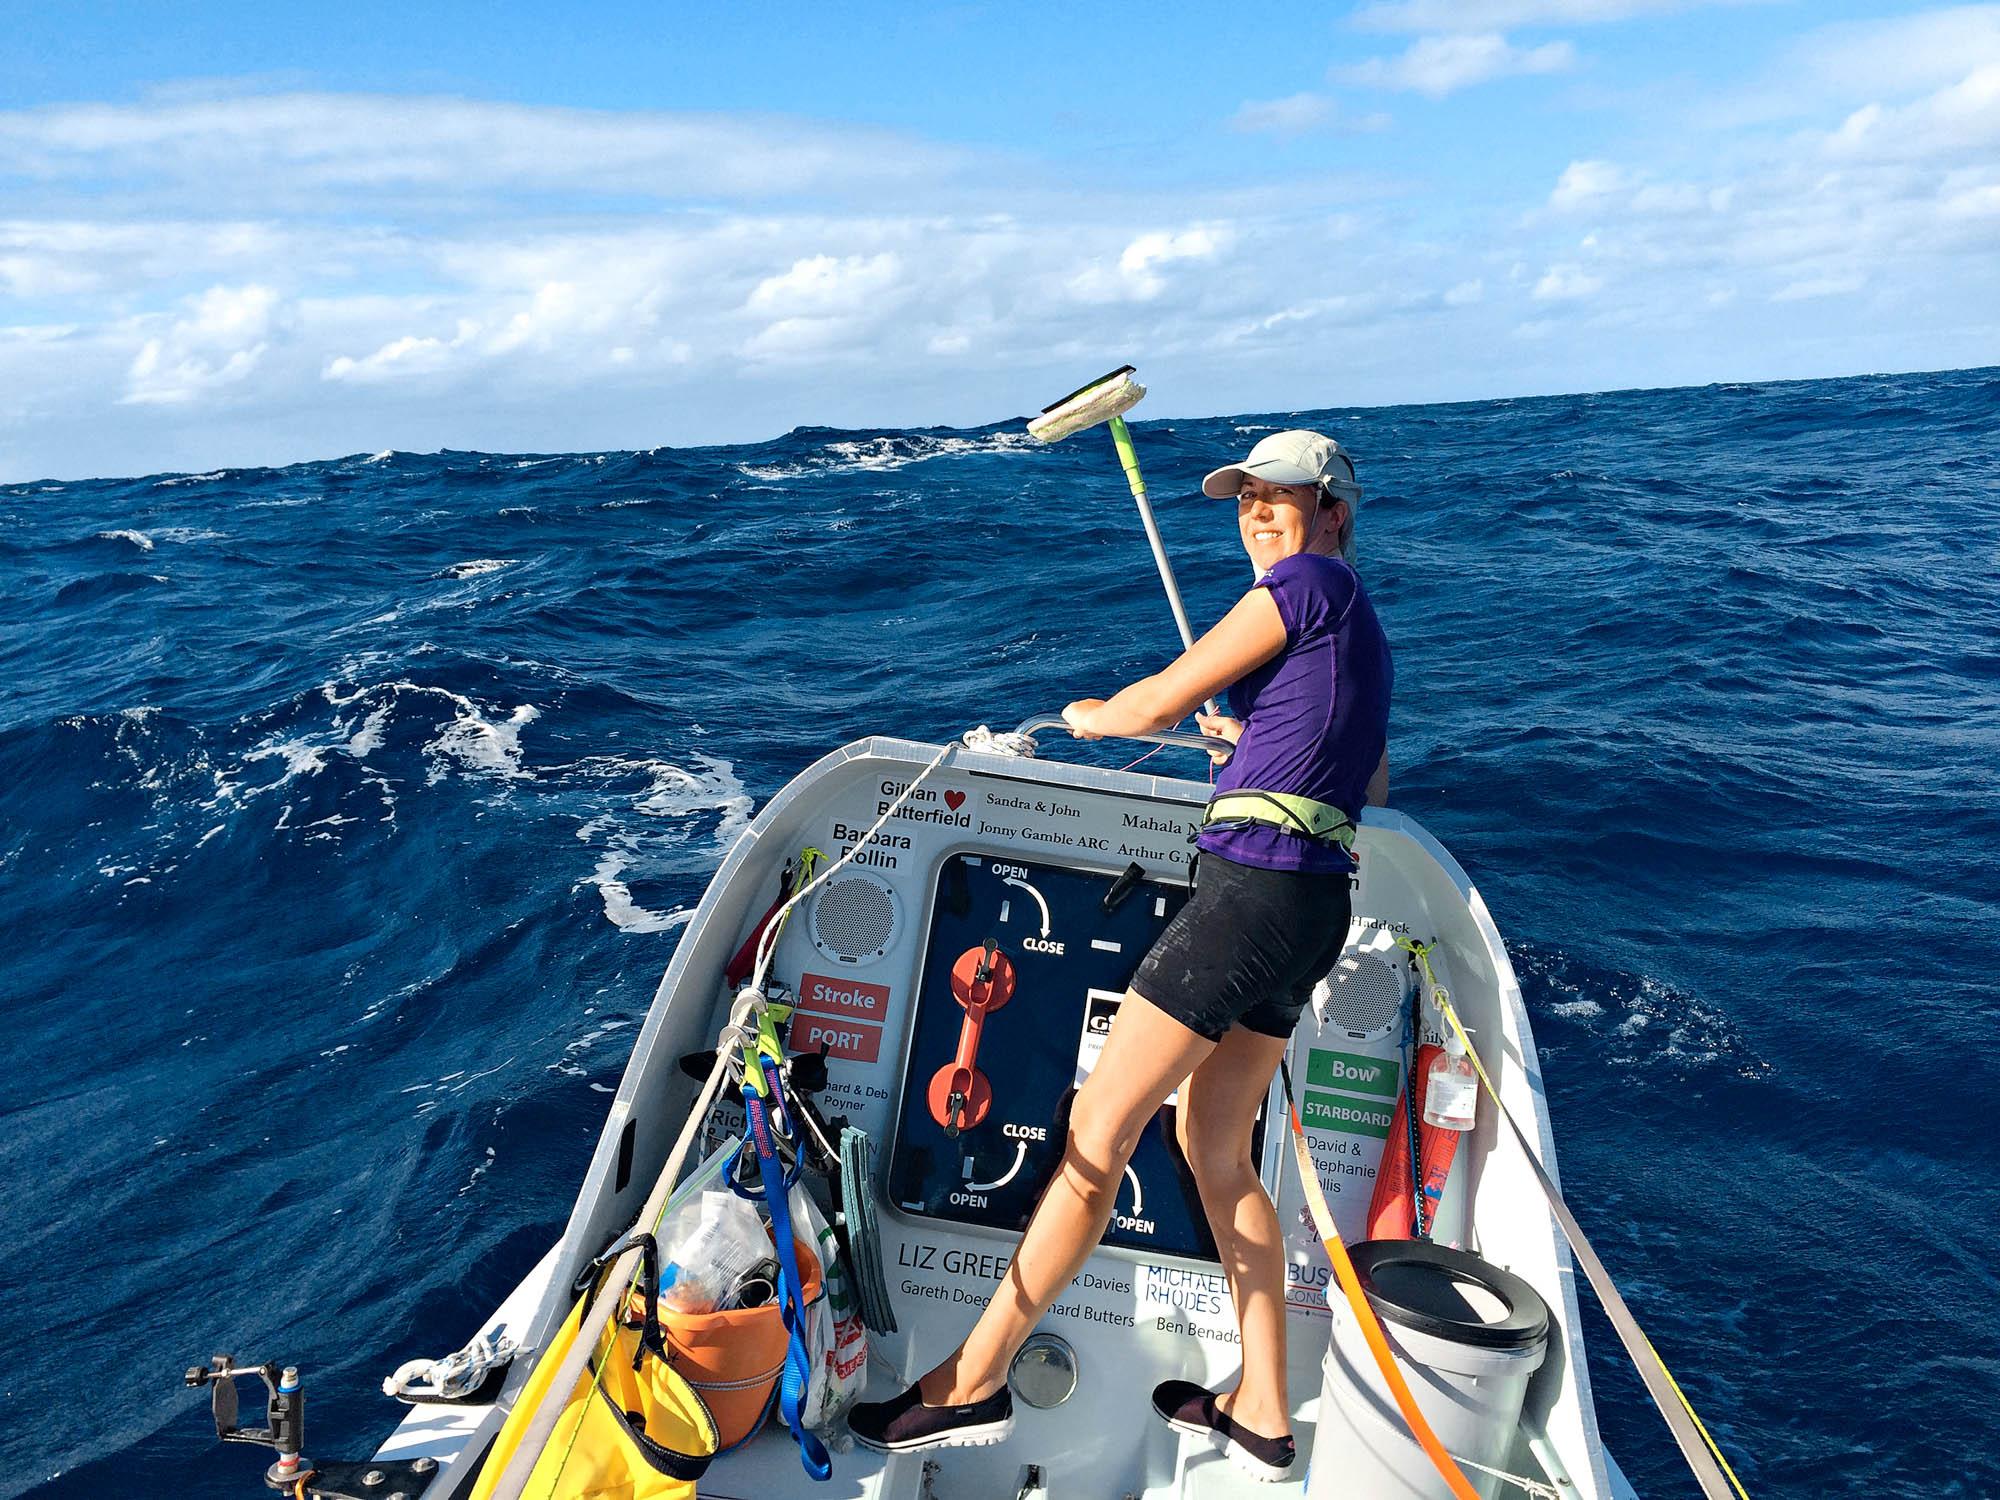 Niki Doeg putzt das Ruderboot bei hohem Seegang